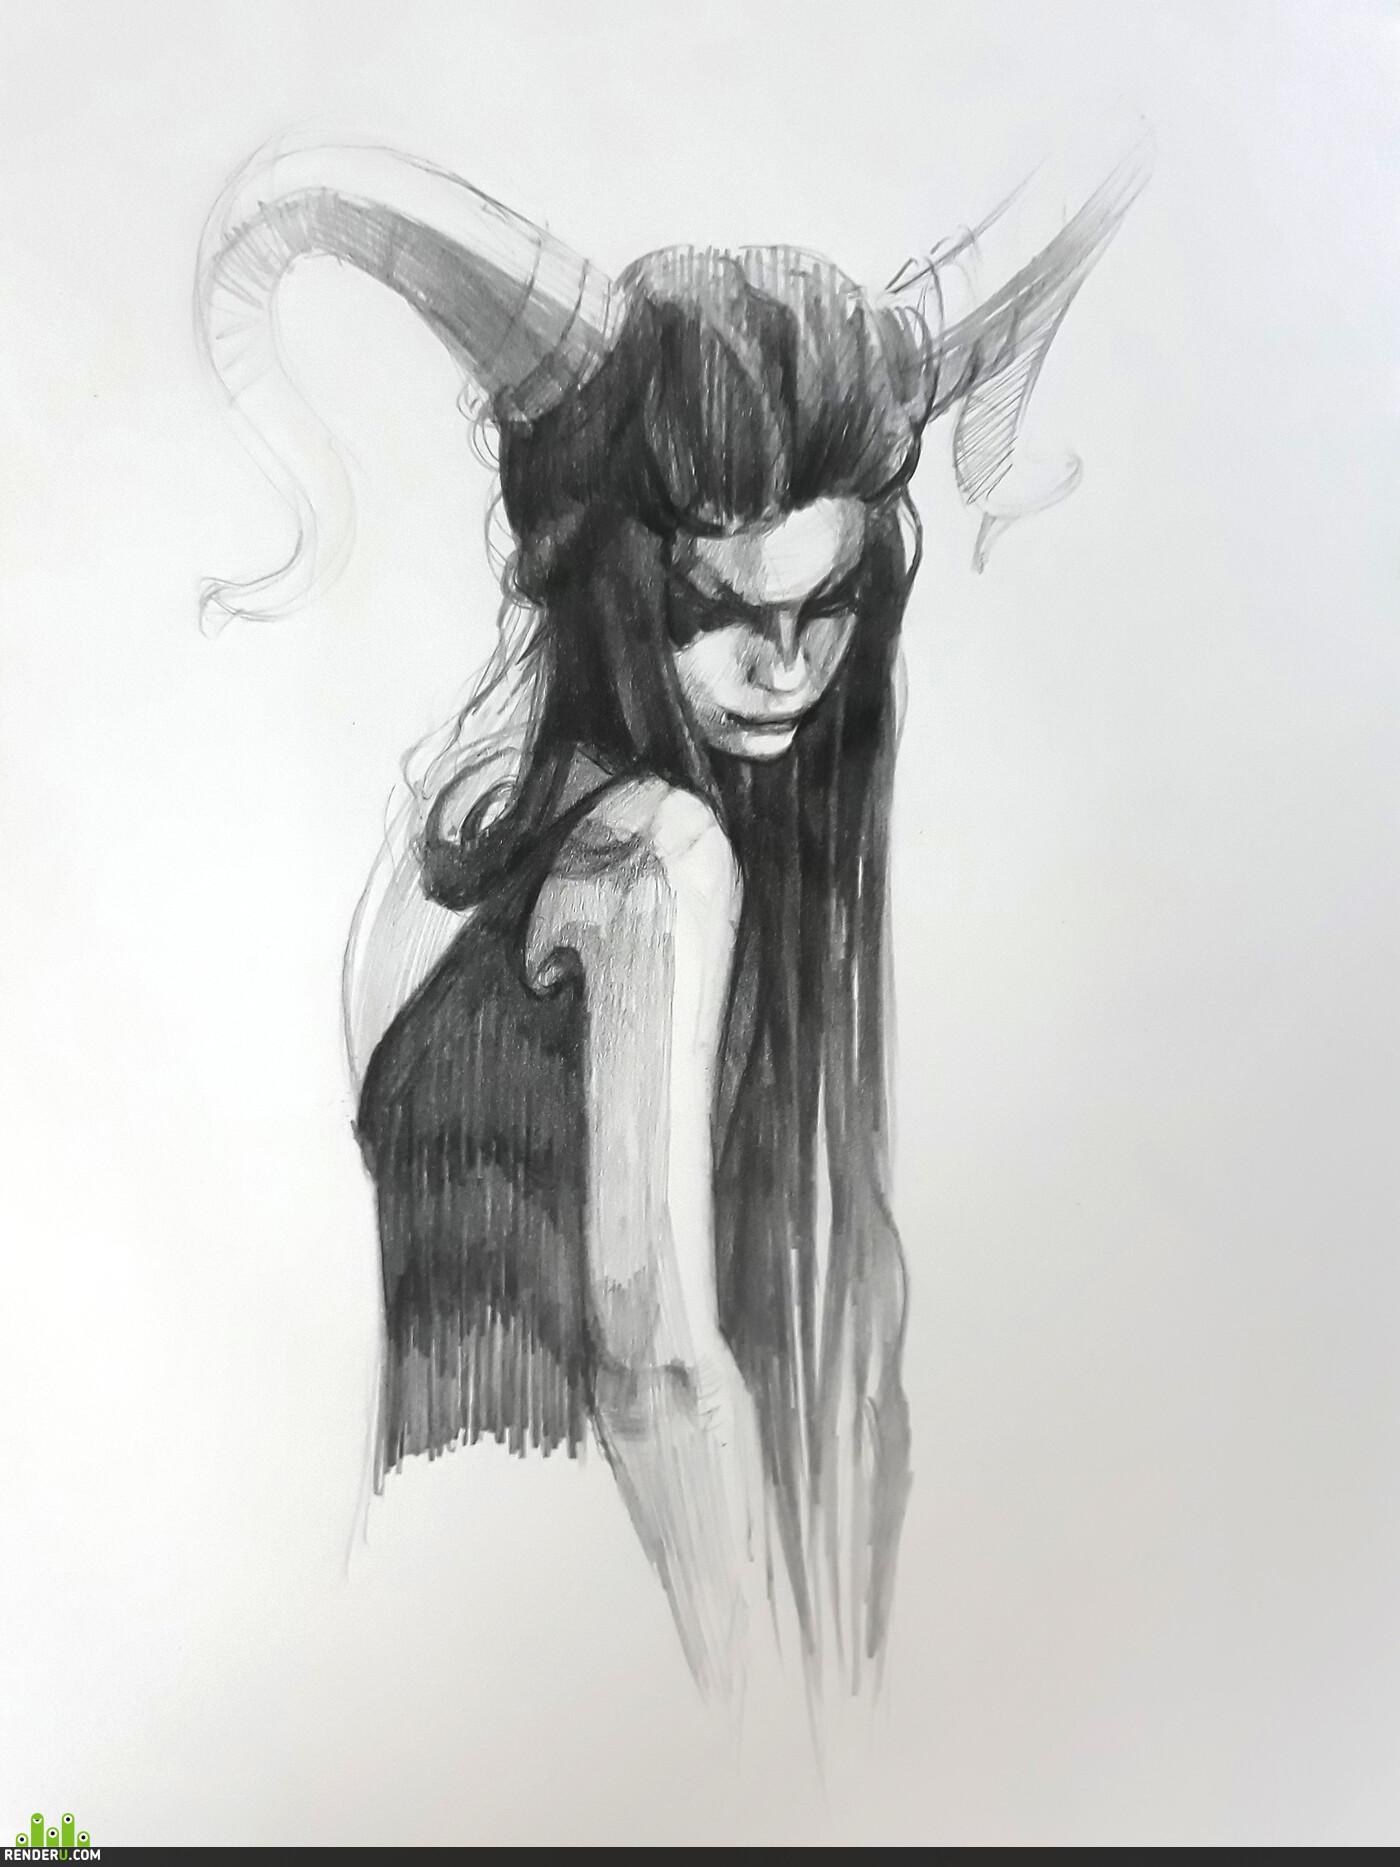 pencil sketches, pencils, Sketches, sketching